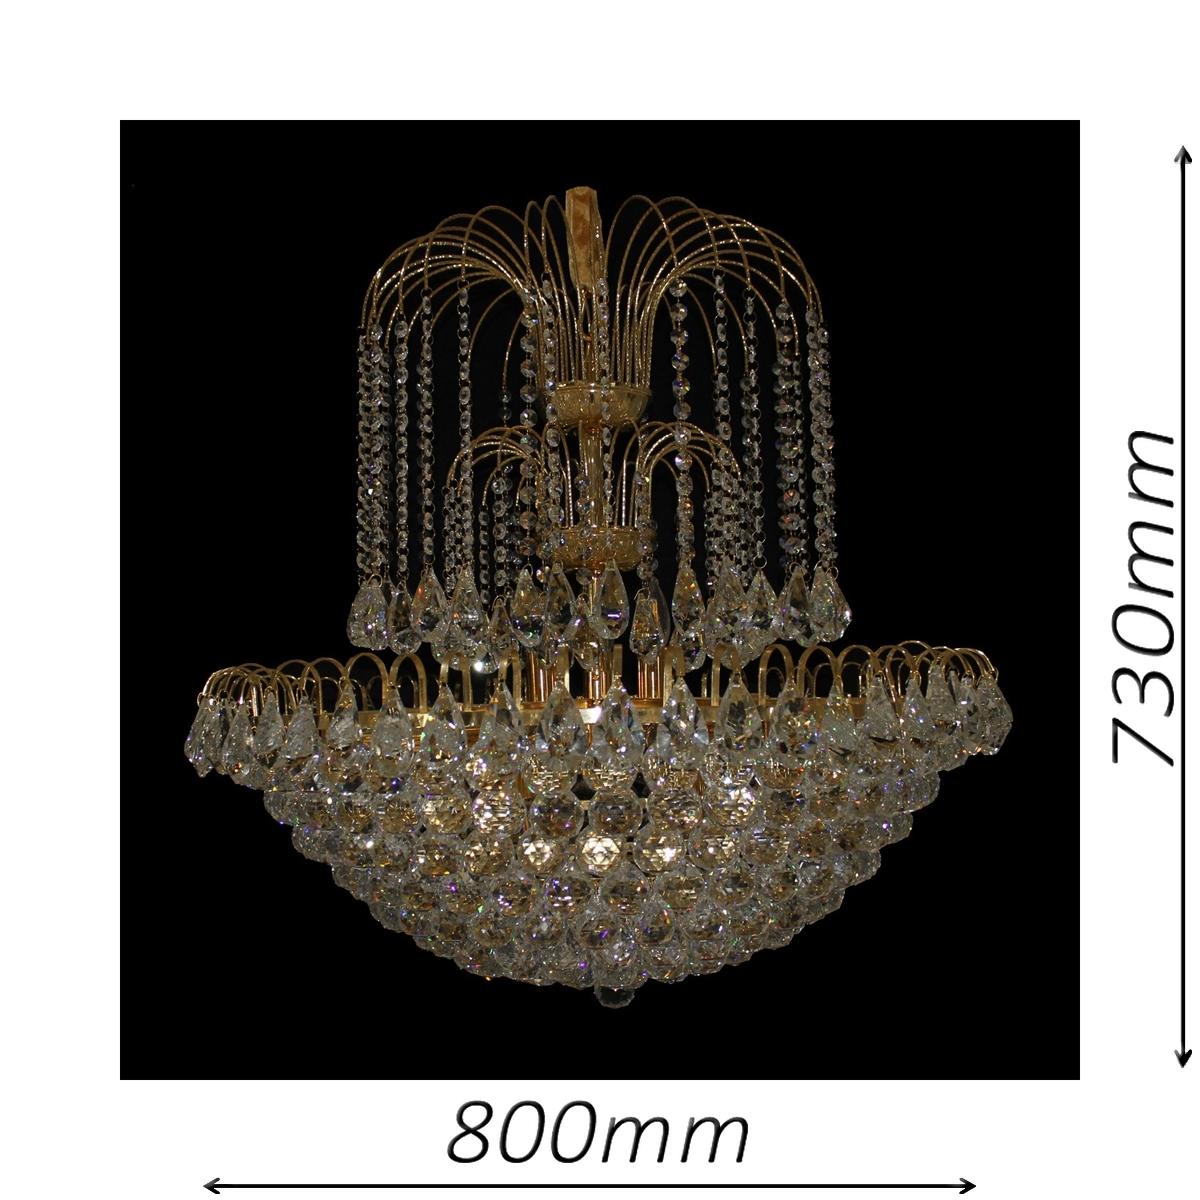 Surrey 800 Gold Chandelier - CRPSUR19800GD